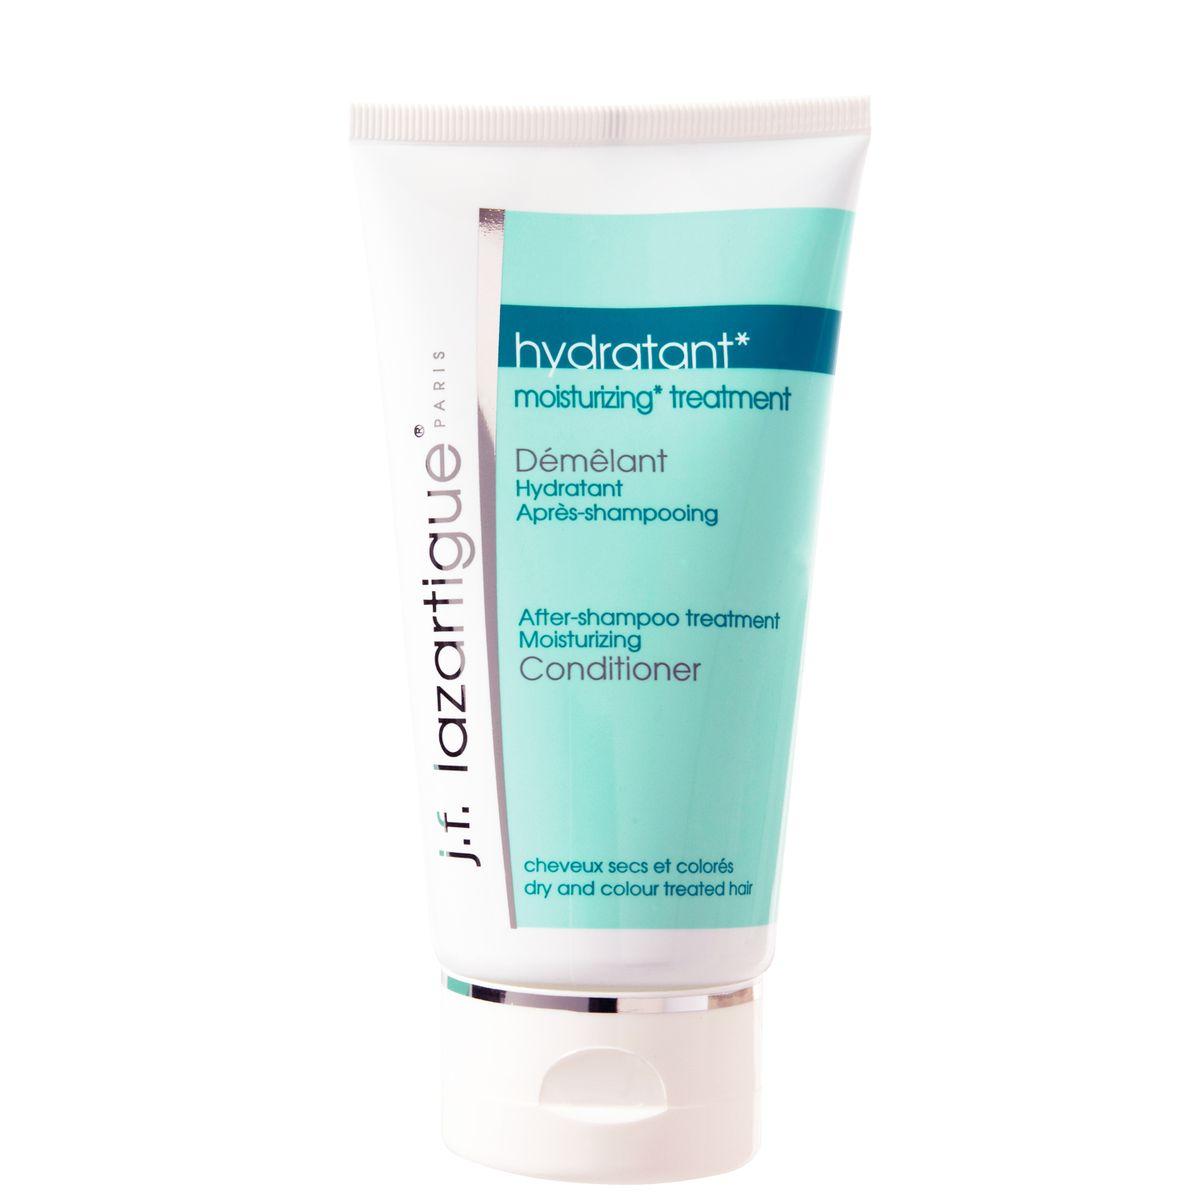 J.F.Lazartigue Увлажняющий кондиционер 150 мл01315Кондиционер увлажняет, восстанавливает и защищает волосы благодаря экстрактам мыльного дерева, сладкого миндаля и лесного ореха (лещины), а также протеинам сладкого миндаля и аминокислотам из пшеницы. Снимает статическое электричество, придает волосам мягкость и блеск, предотвращает спутывание и облегчает расчесывание. Окрашенные волосы дольше удерживают краску. Кондиционер дополняет и усиливает действие увлажняющего шампуня, очень удобен в применении, легко и равномерно распределяется по волосам.